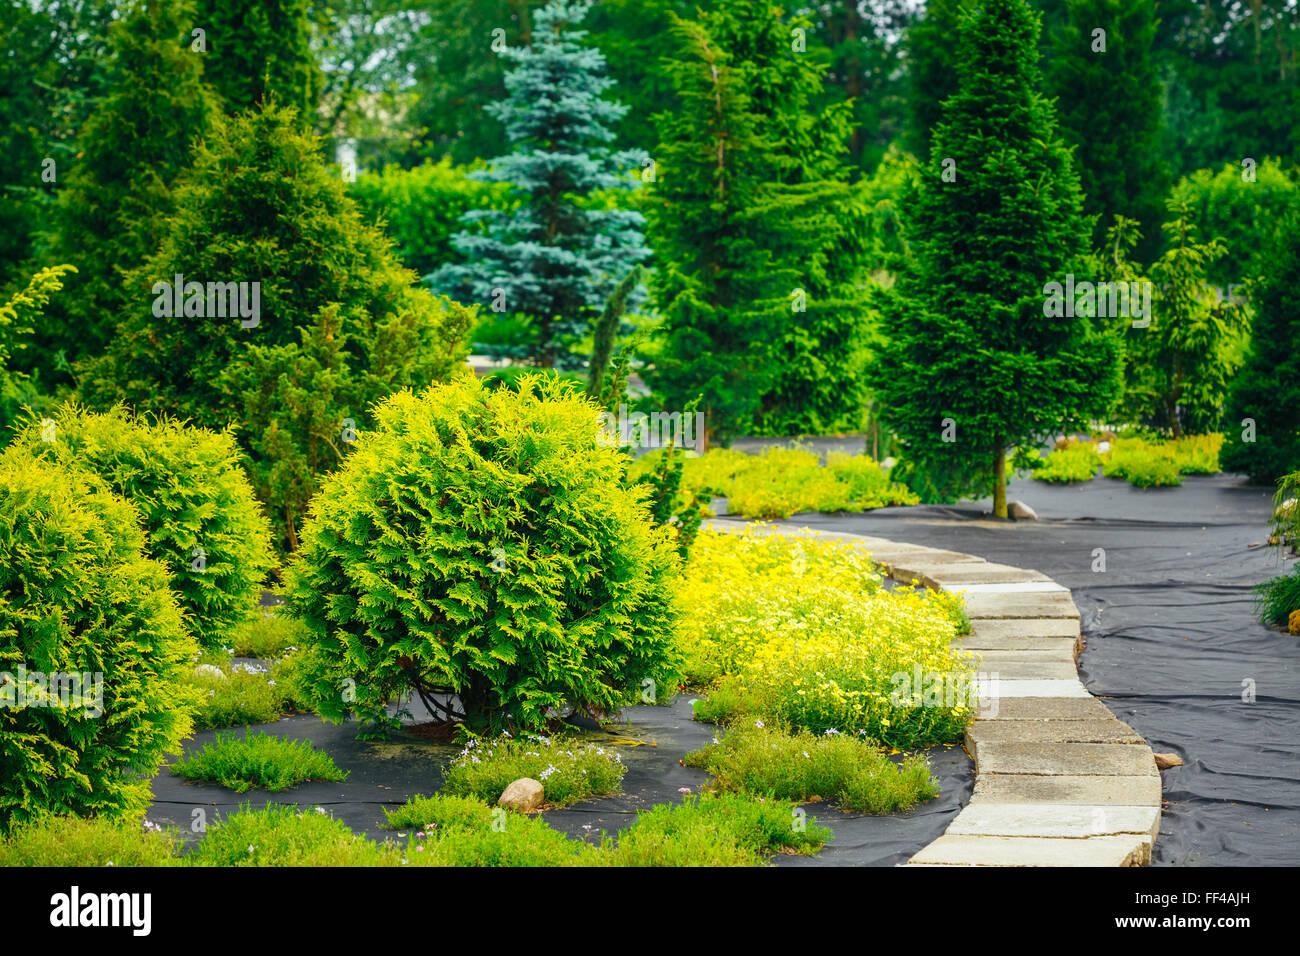 Architettura Del Verde sentiero in pietra nel parco giardino. verde cespugli